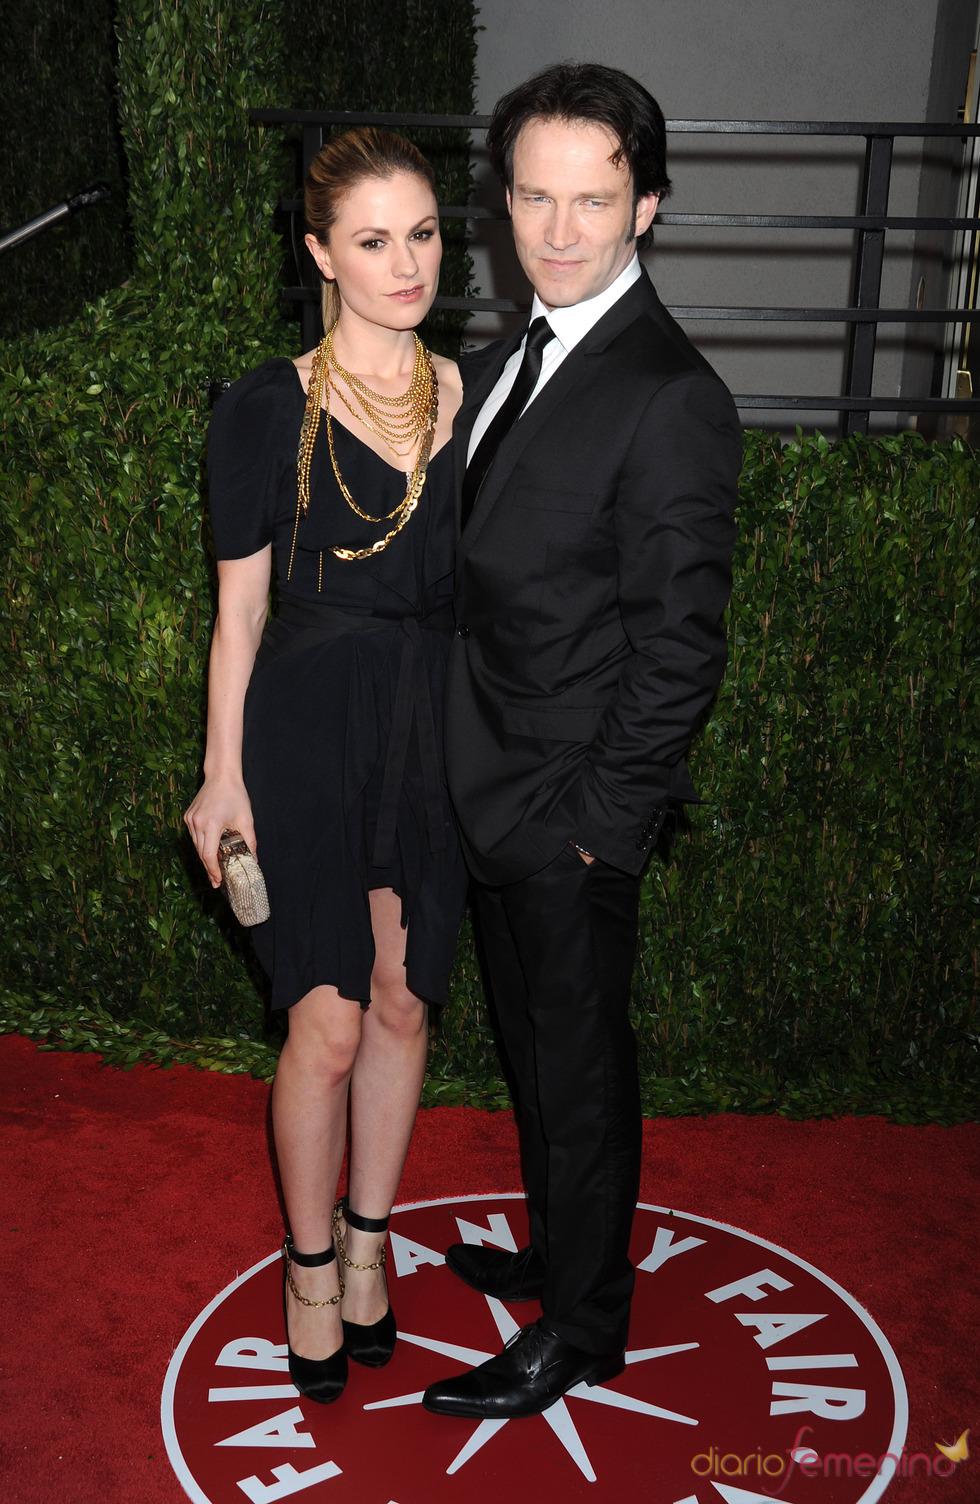 Anna Paquin y Stephen Moyer en la fiesta Vanity Fair Oscar 2010